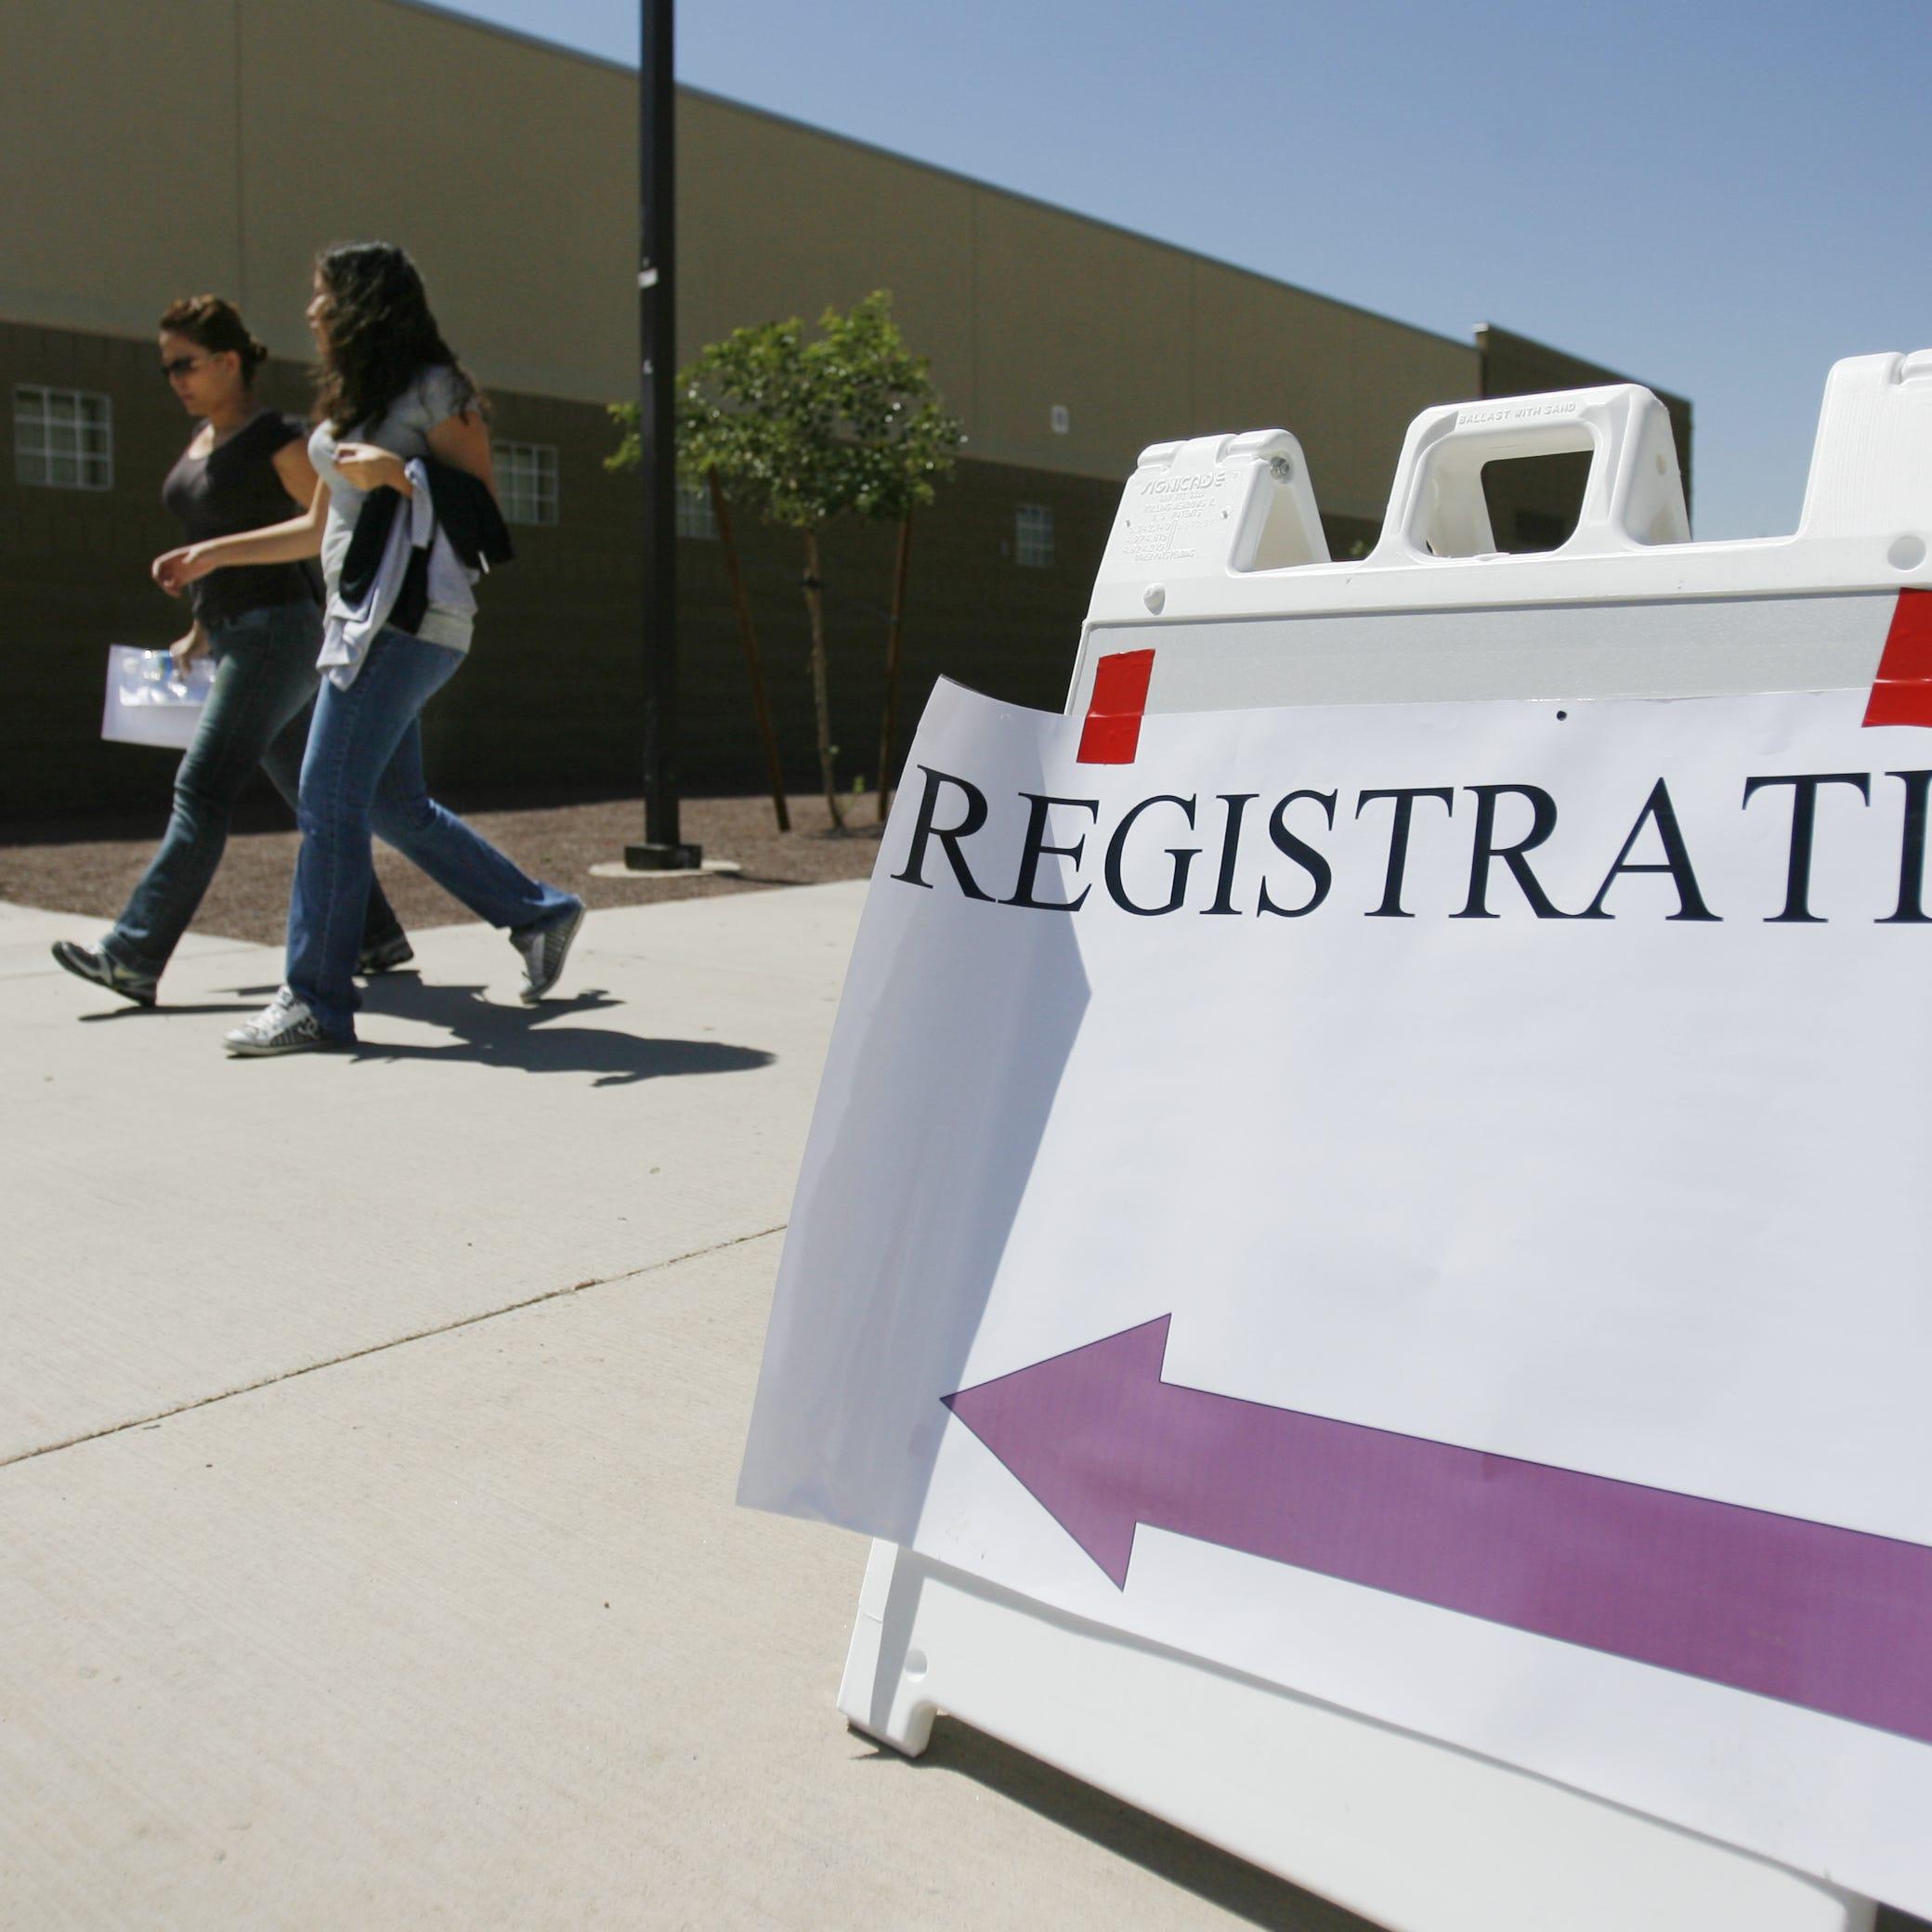 Estos Distritos Escolares de Arizona podrían estarle pidiendo ID de manera ilegal a los padres